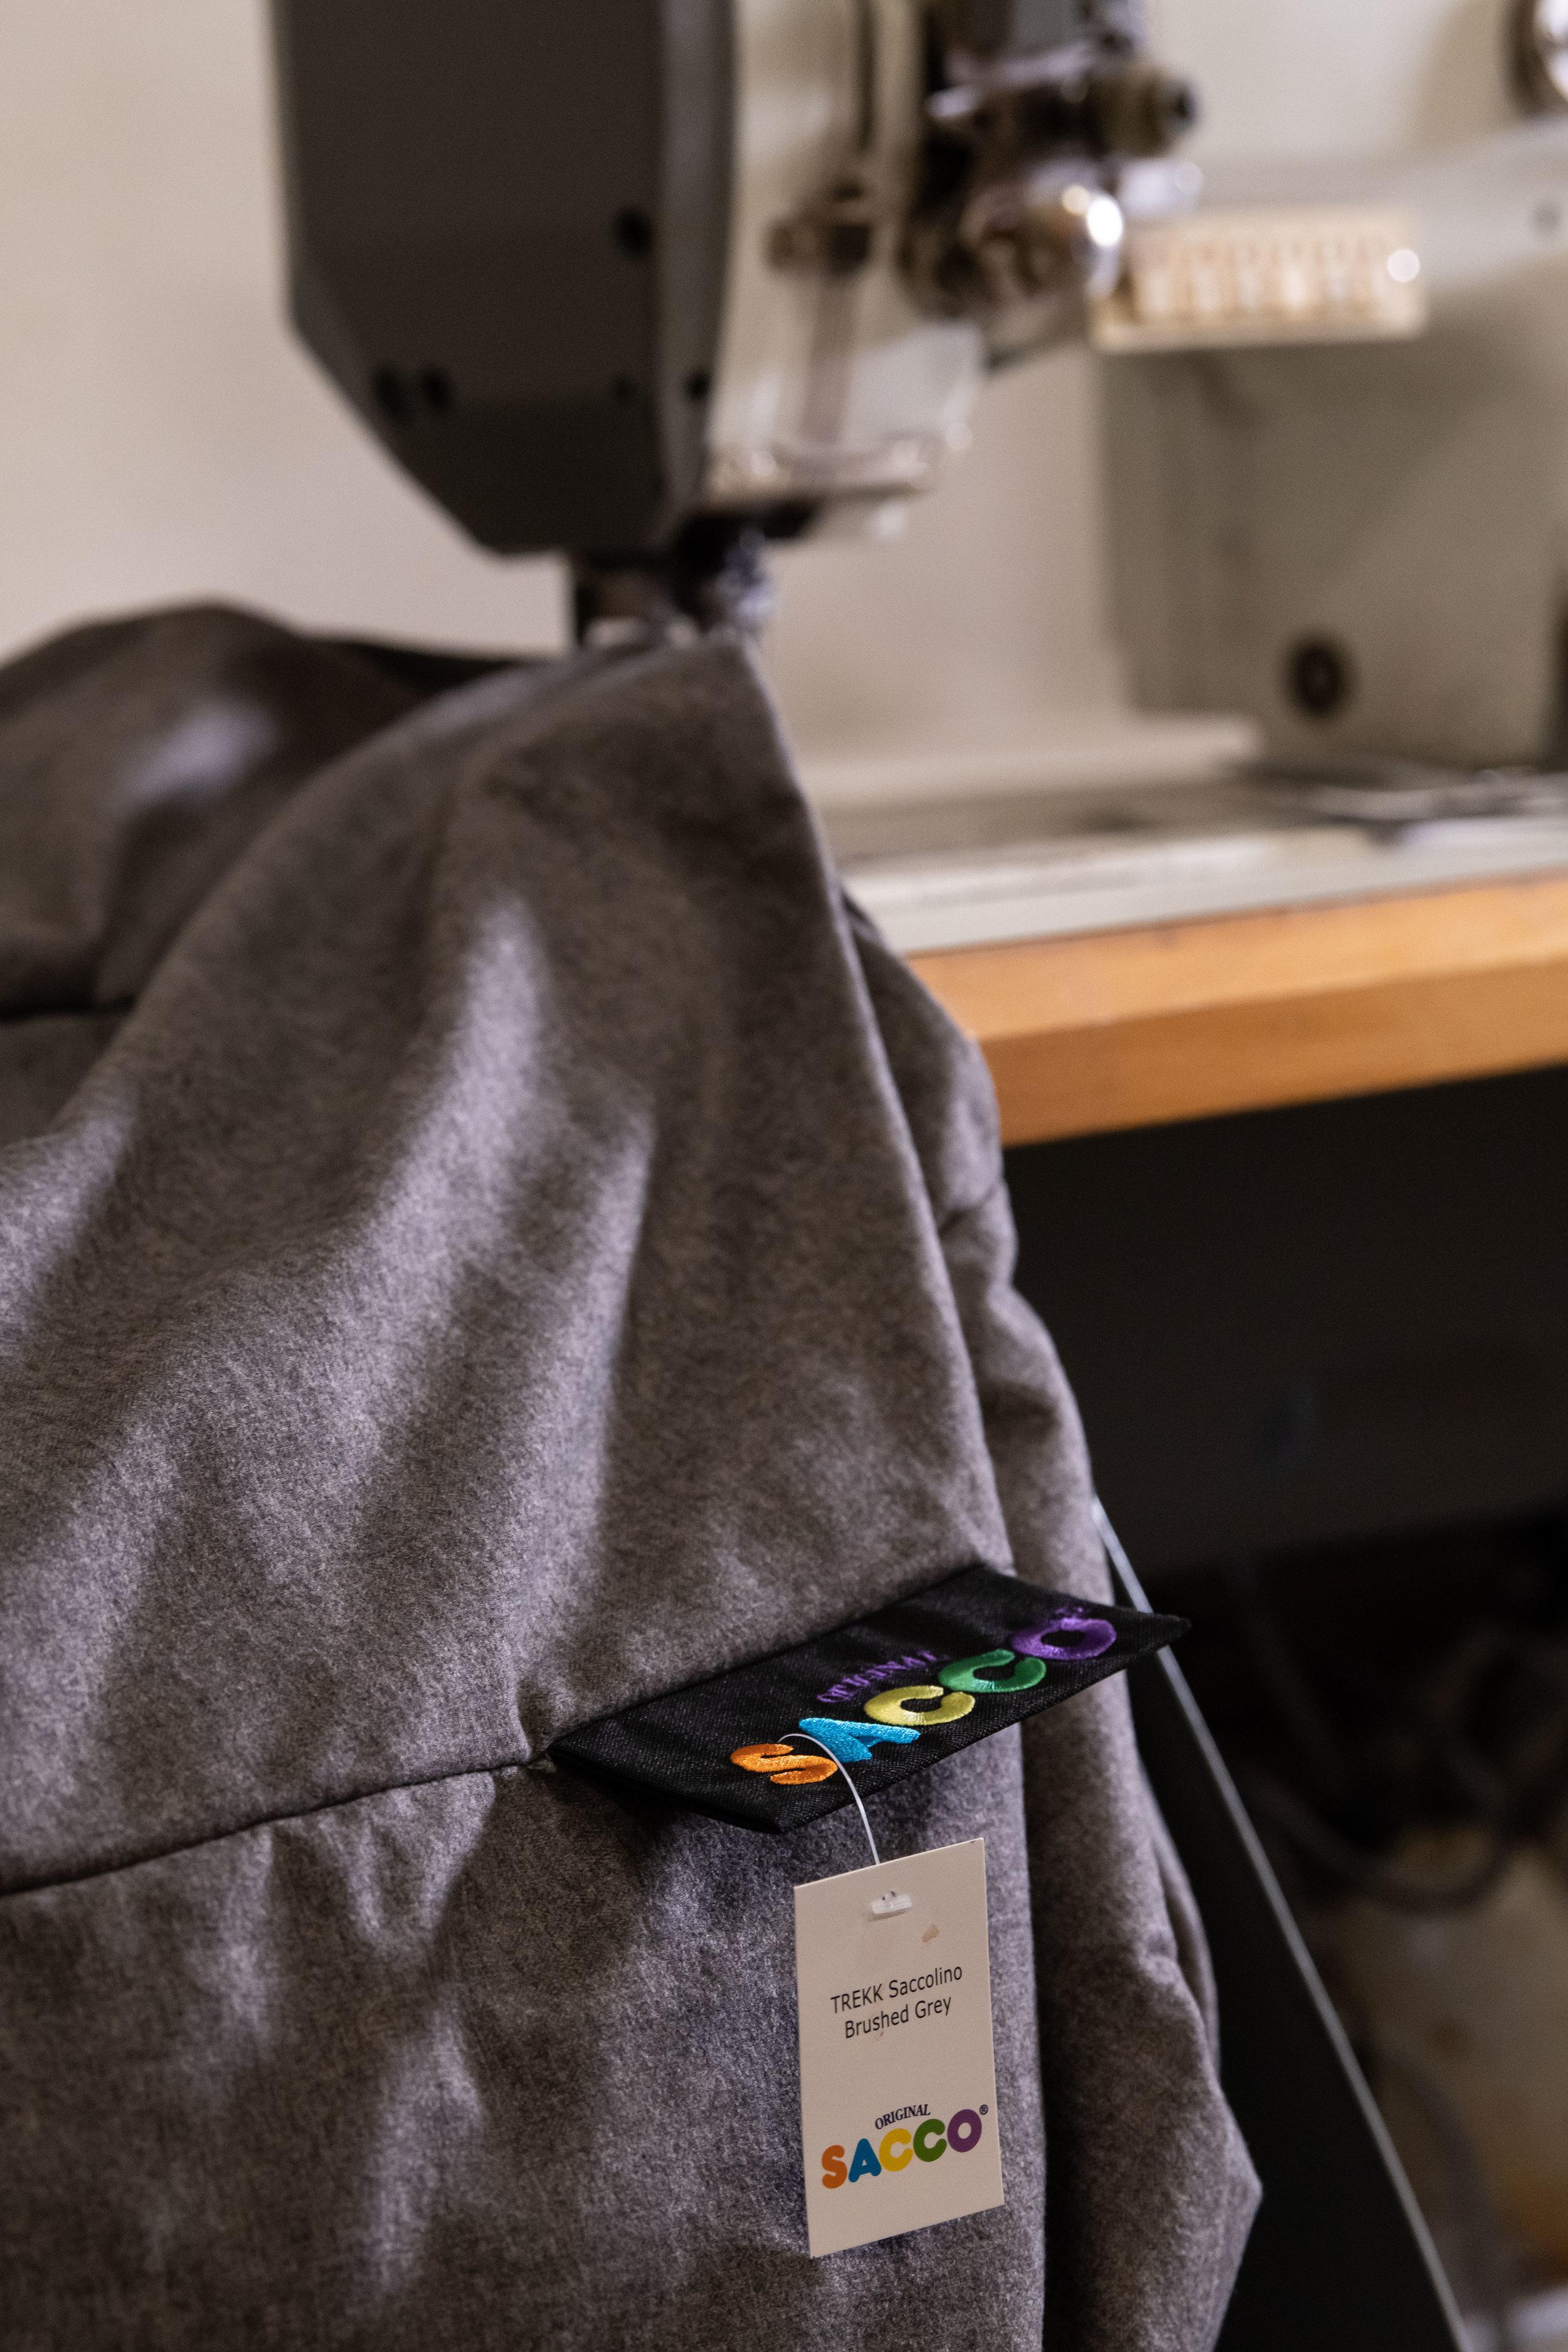 Sacco® produseres i Innvik. - Sacco® produserer alle møblene i Innvik. Denne bygda har lange tradisjoner innenfor tekstilproduksjon og søm.Med nære geografiske forbindelser til Sunnmøre og møbeltradisjonene der, er det naturlig at Innvik både har egen produksjon og har bedrifter som er underleverandører til møbelindustrien.Tradisjonene fra konfeksjon, søm, og tekstilproduksjon gjør Innvik til et perfekt sted å utvikle Sacco® videre som et designikon.